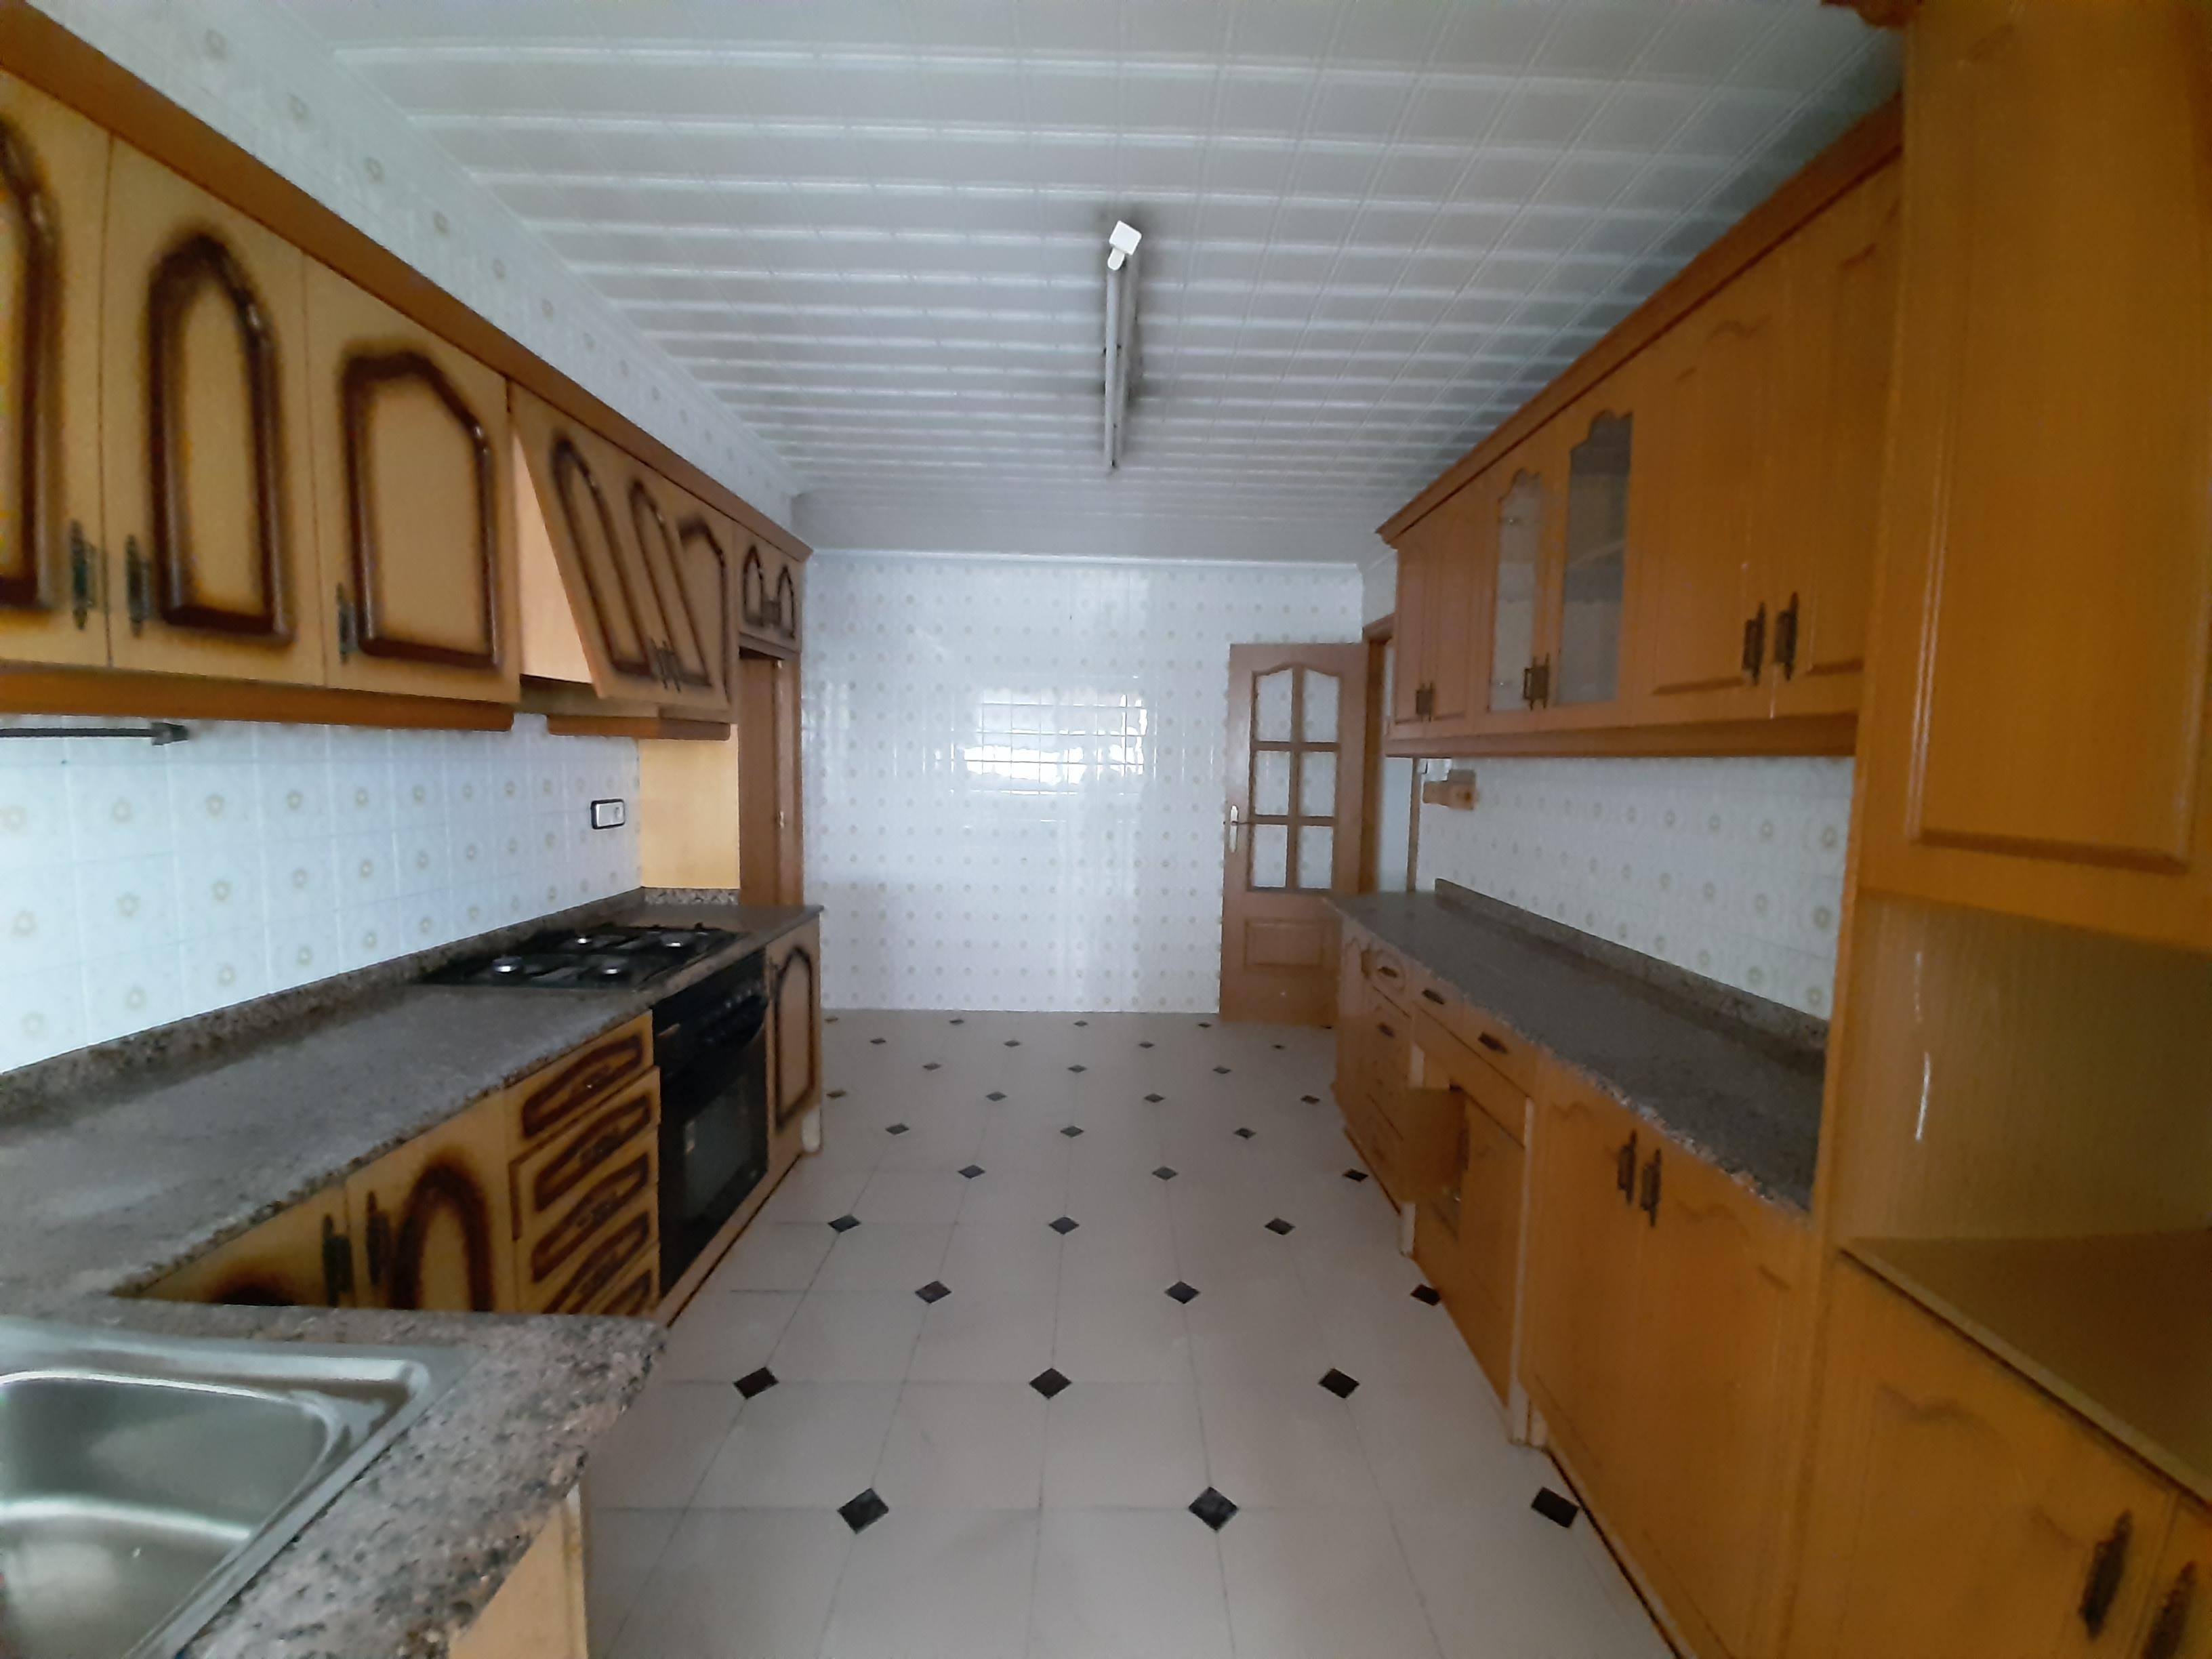 Piso en venta en El Pla de Sant Josep, Elche/elx, Alicante, Calle del Capità Antoni Mena, 93.000 €, 3 habitaciones, 1 baño, 120 m2